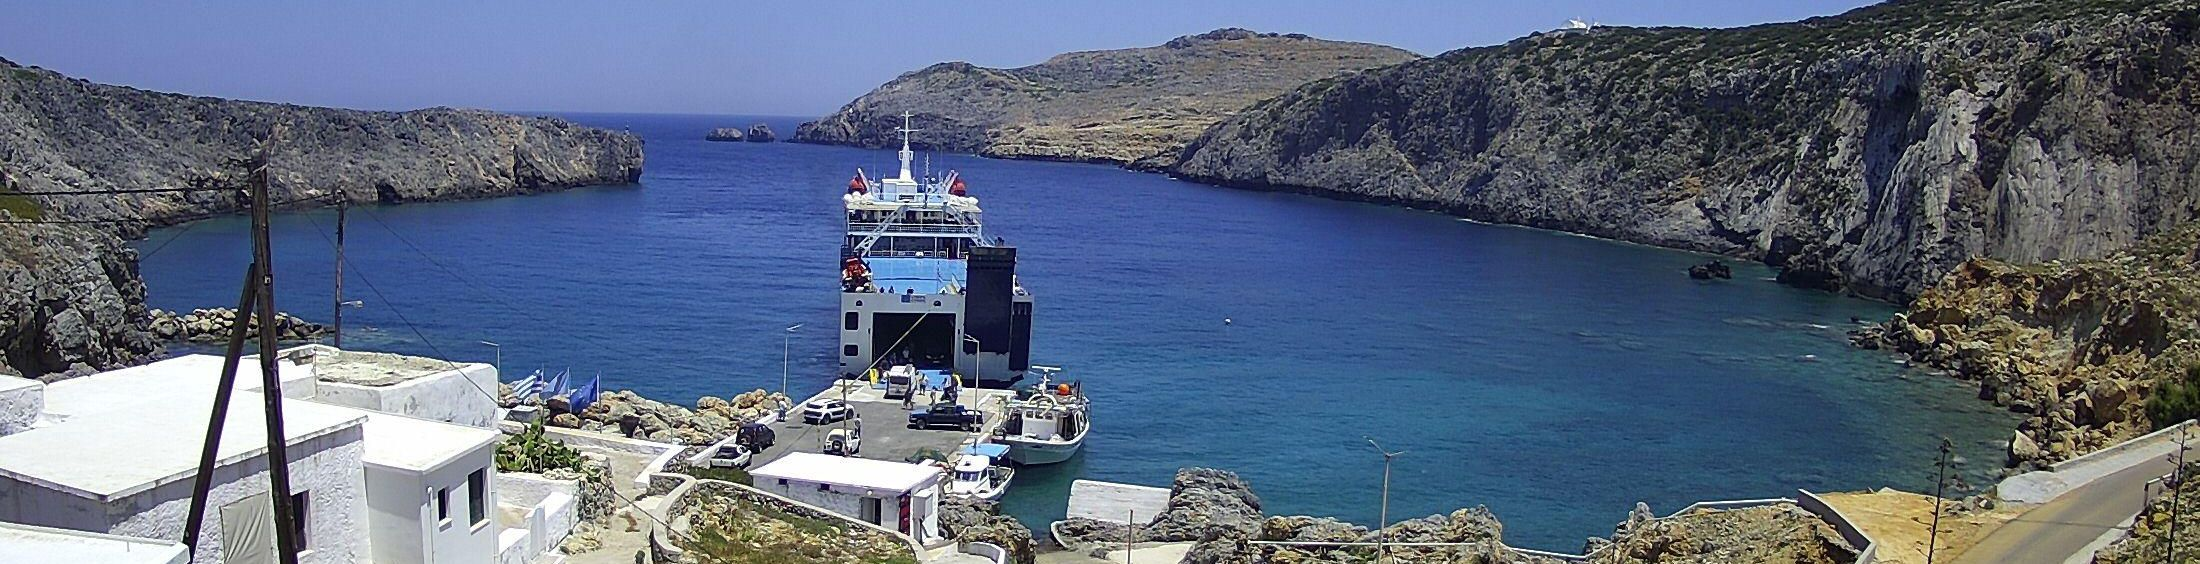 Insel Kythira – Reiseführer – Griechenland